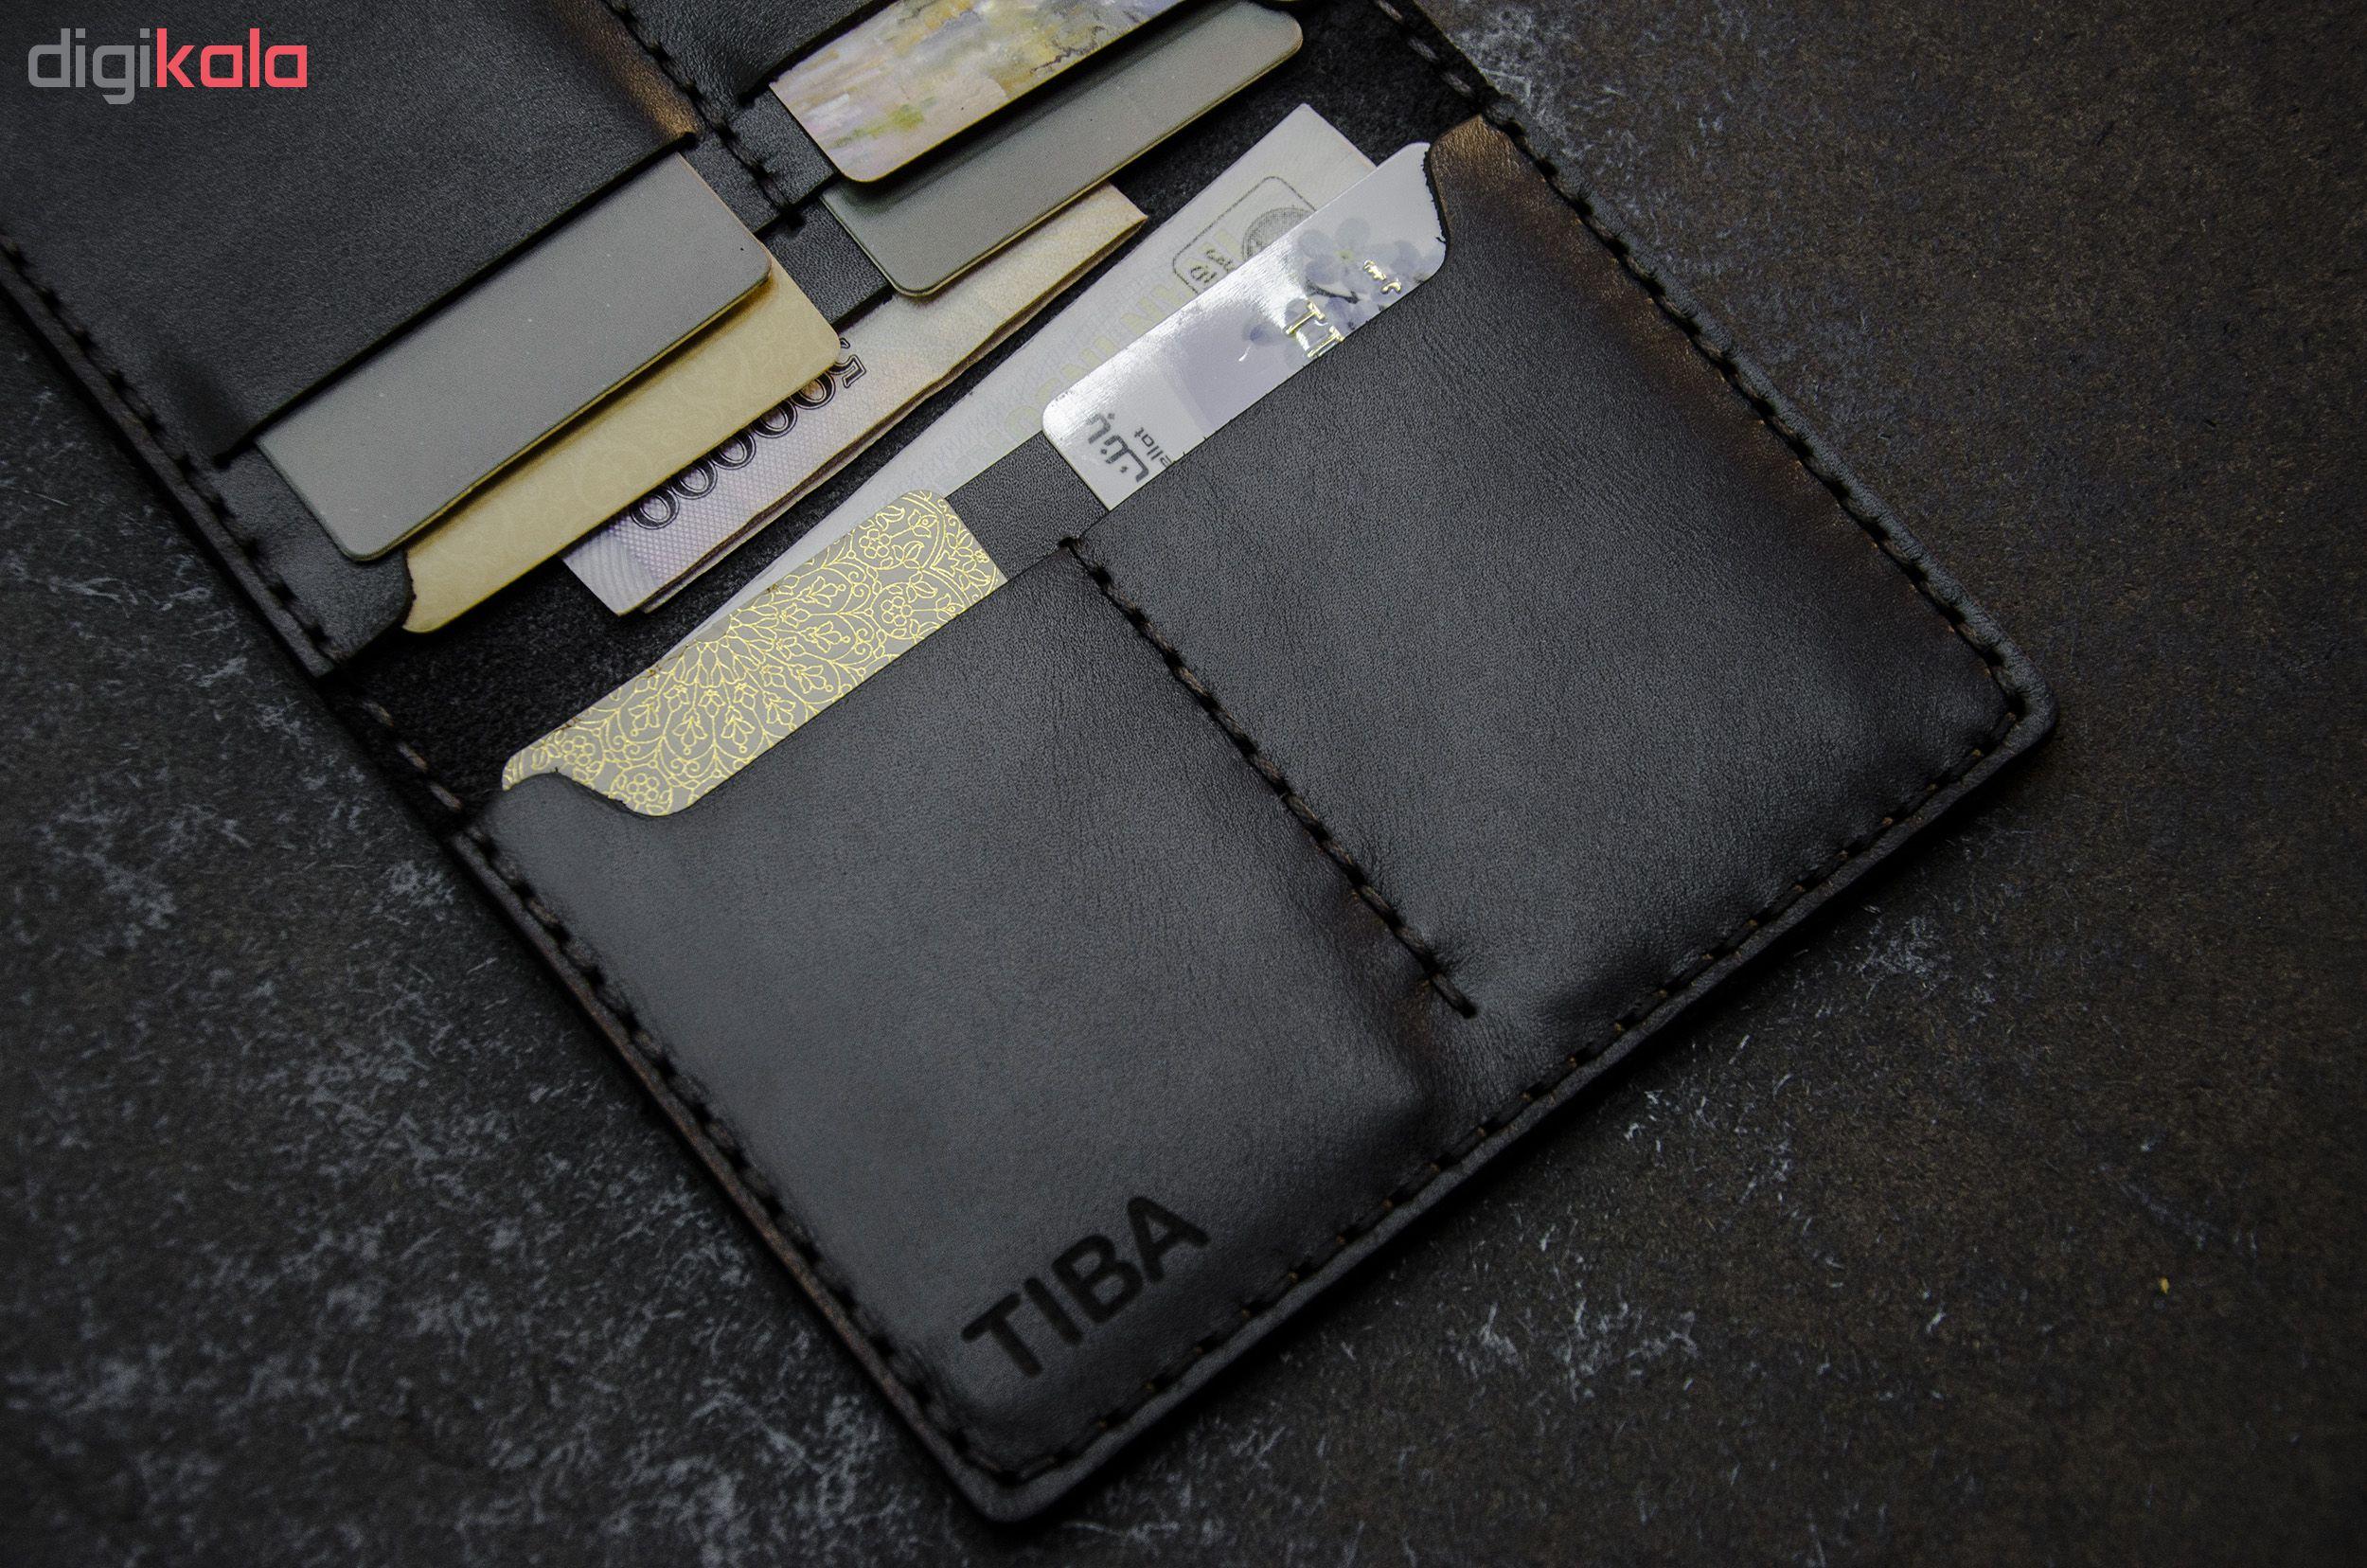 کیف مدارک چرمینه اسپرت طرح تیبا کد 72024-B